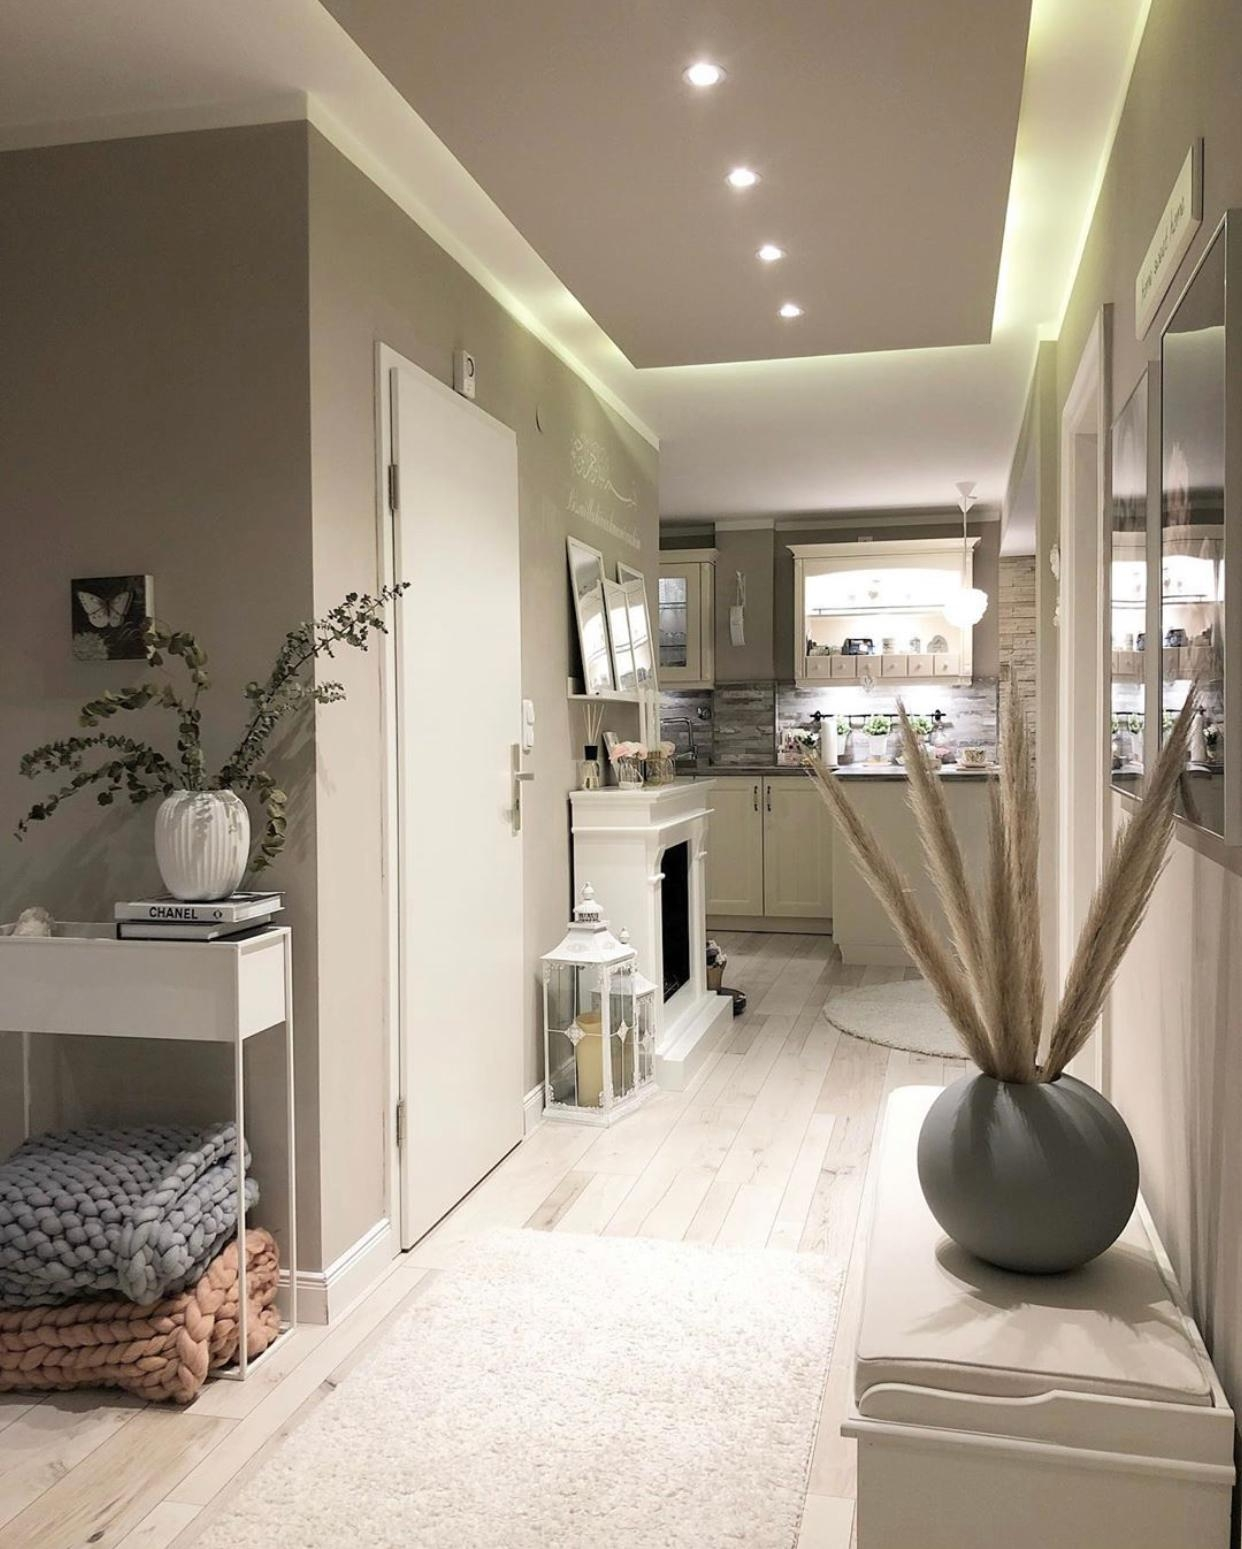 Wohnzimmergestaltung: Ideen für dein Zuhause bei COUCH!